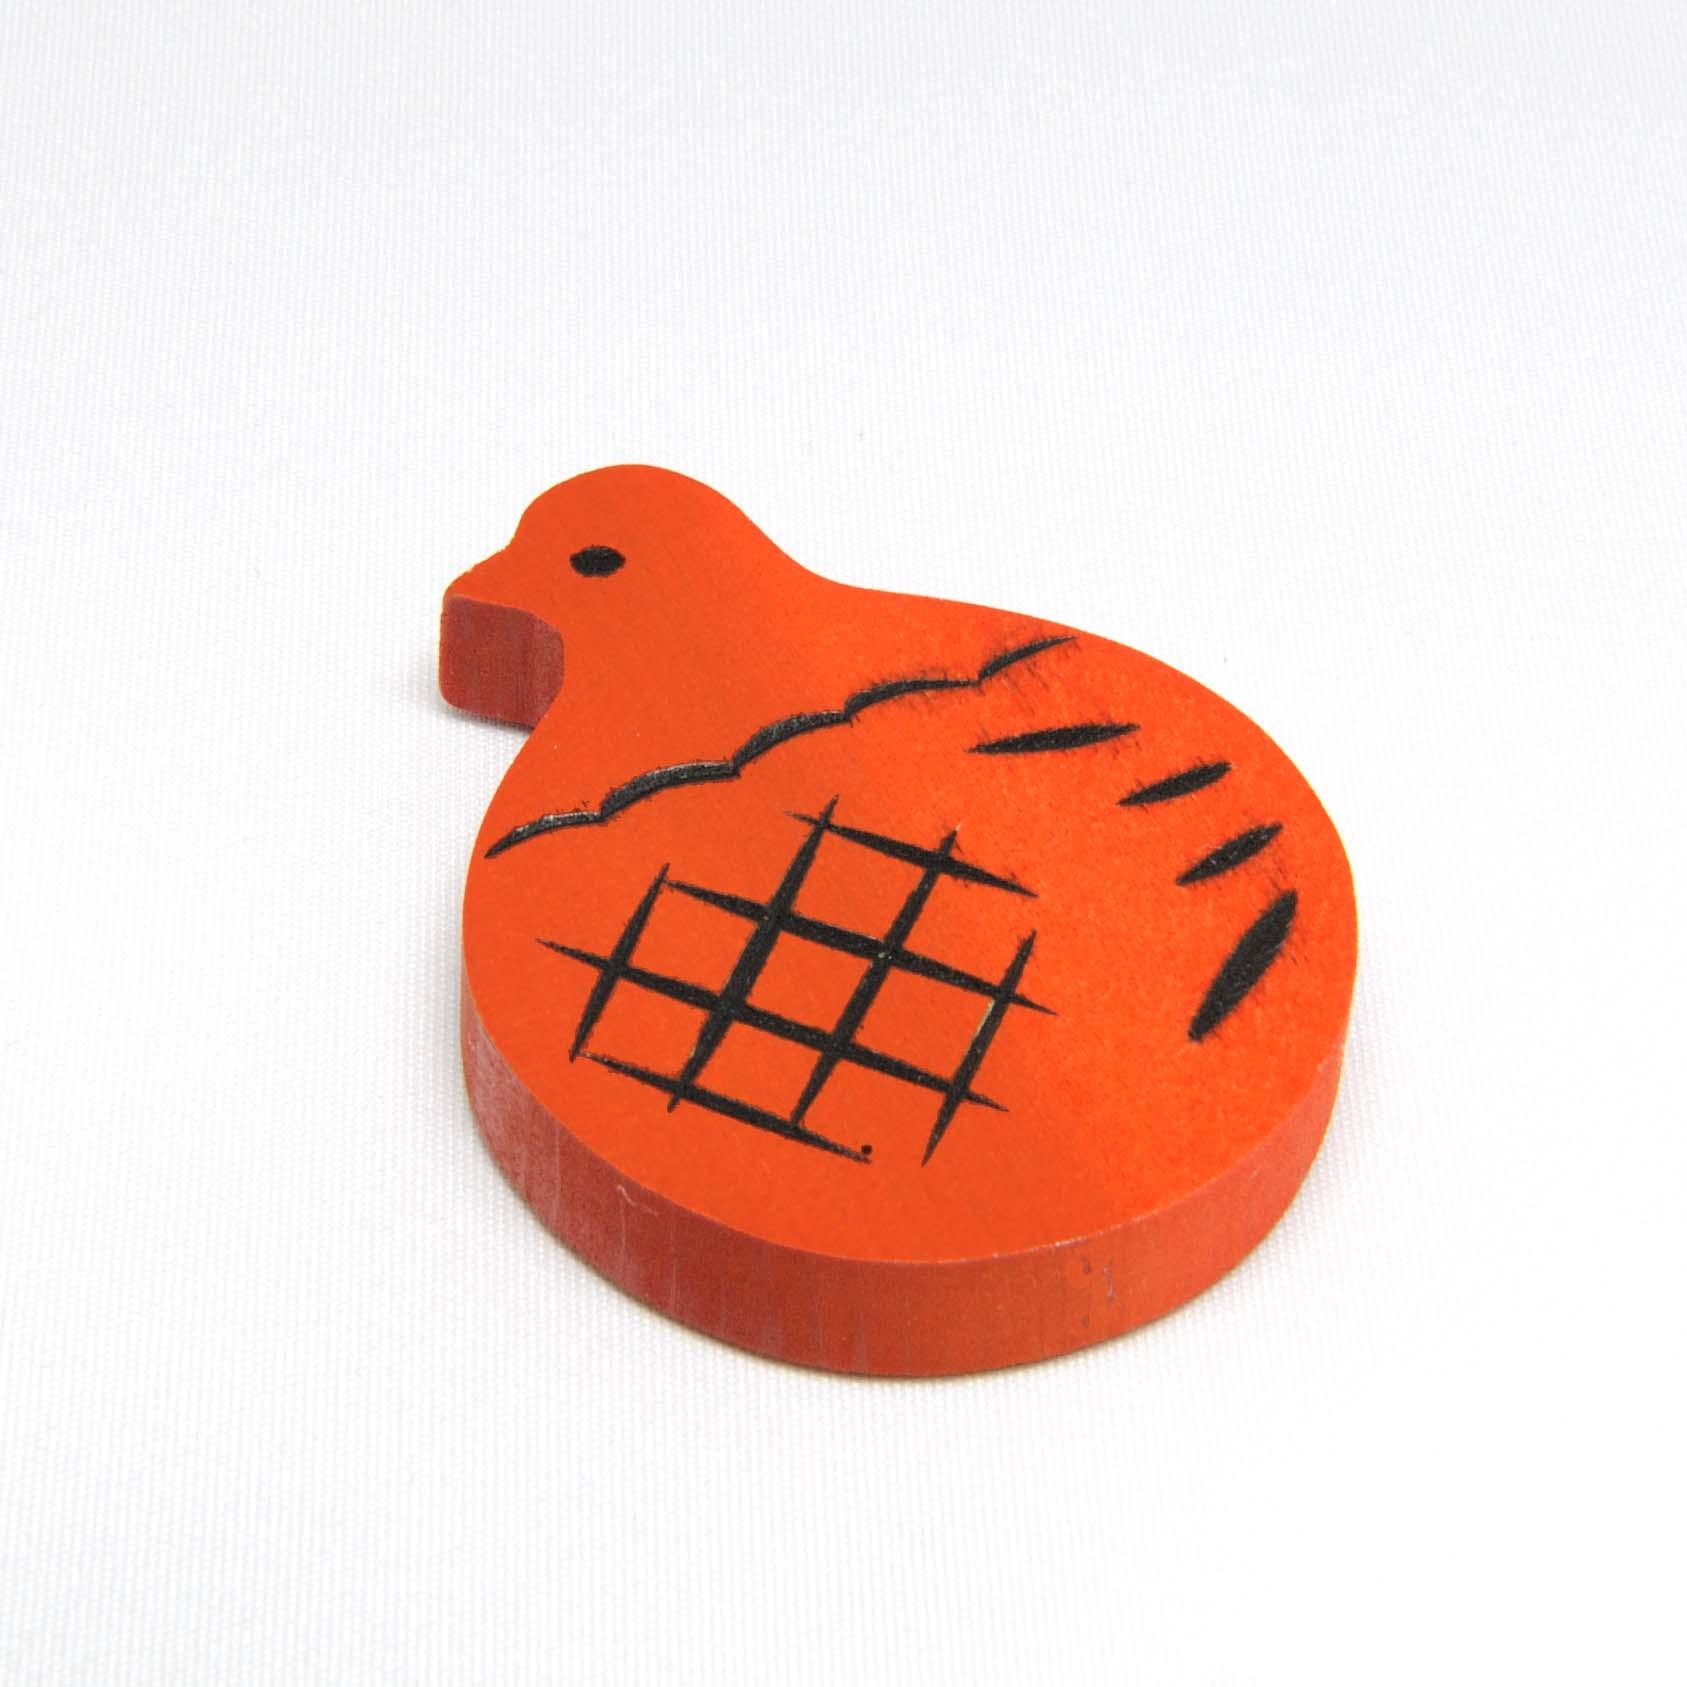 鳩のマグネット(赤)